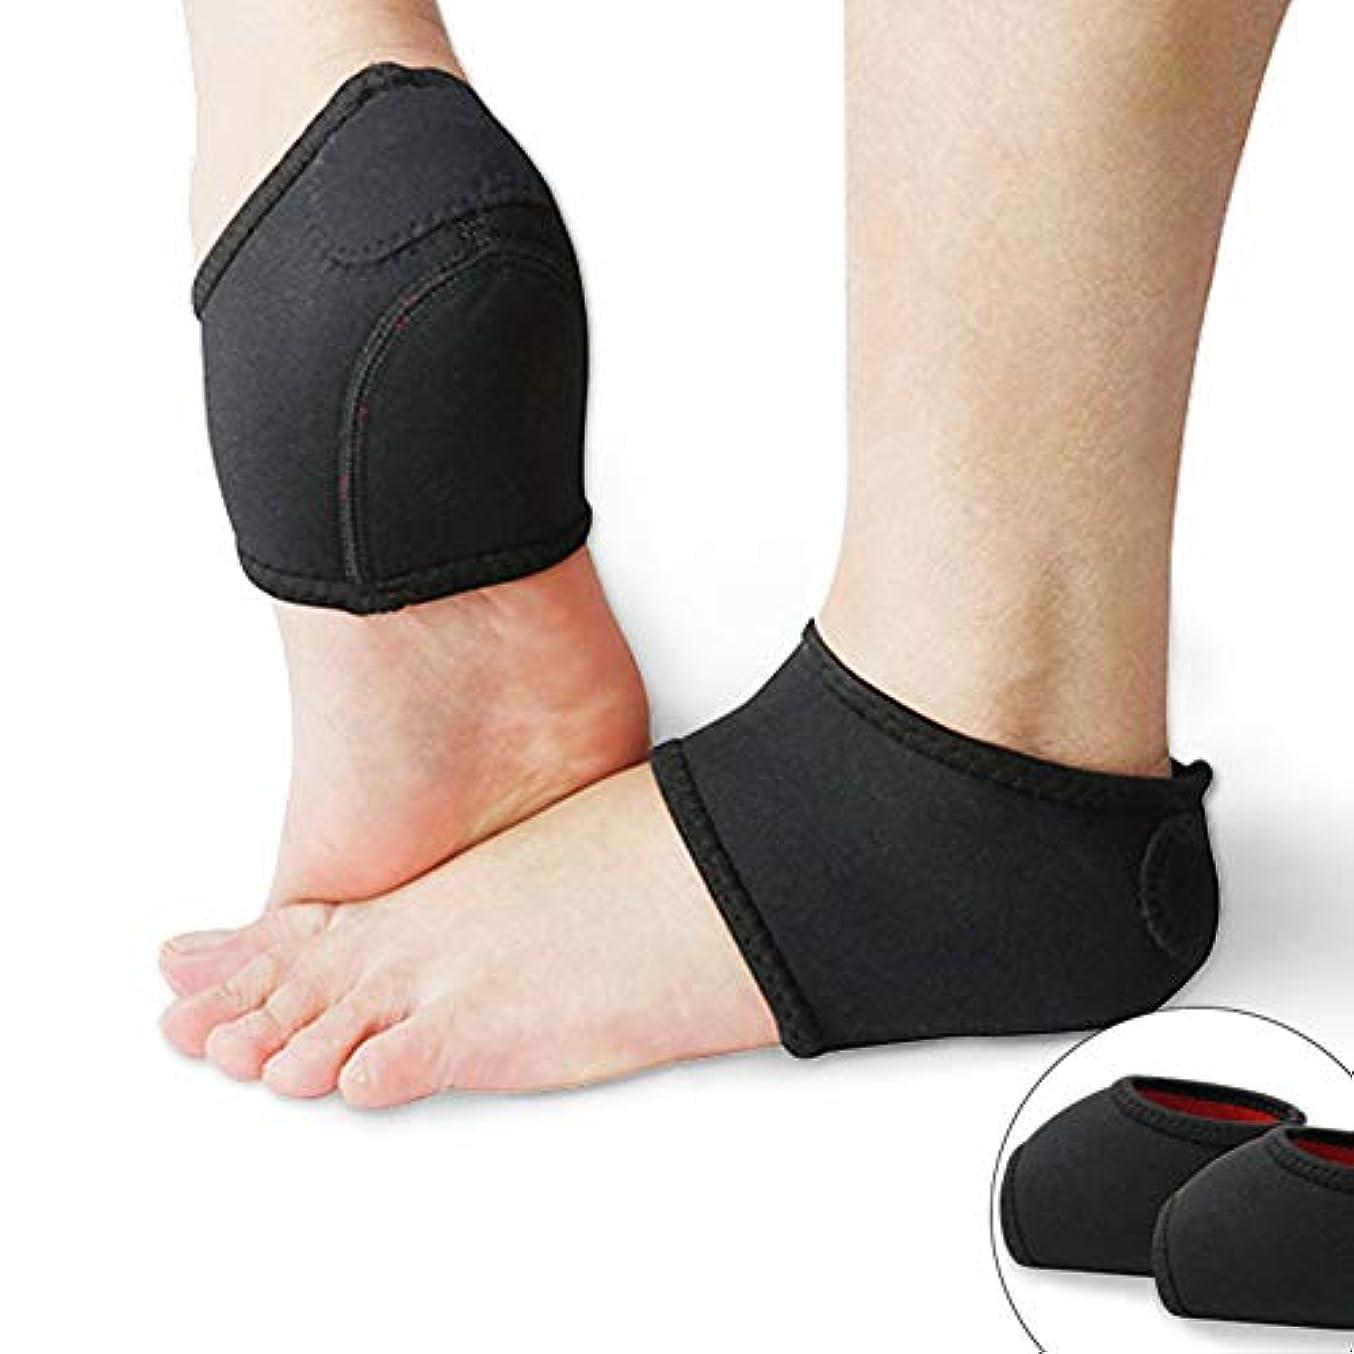 トムオードリース地区ウェブヒールガードセット、ヒールプロテクター-足底筋膜炎からヒールの痛みを和らげる-ヒールスパー(2ペア)